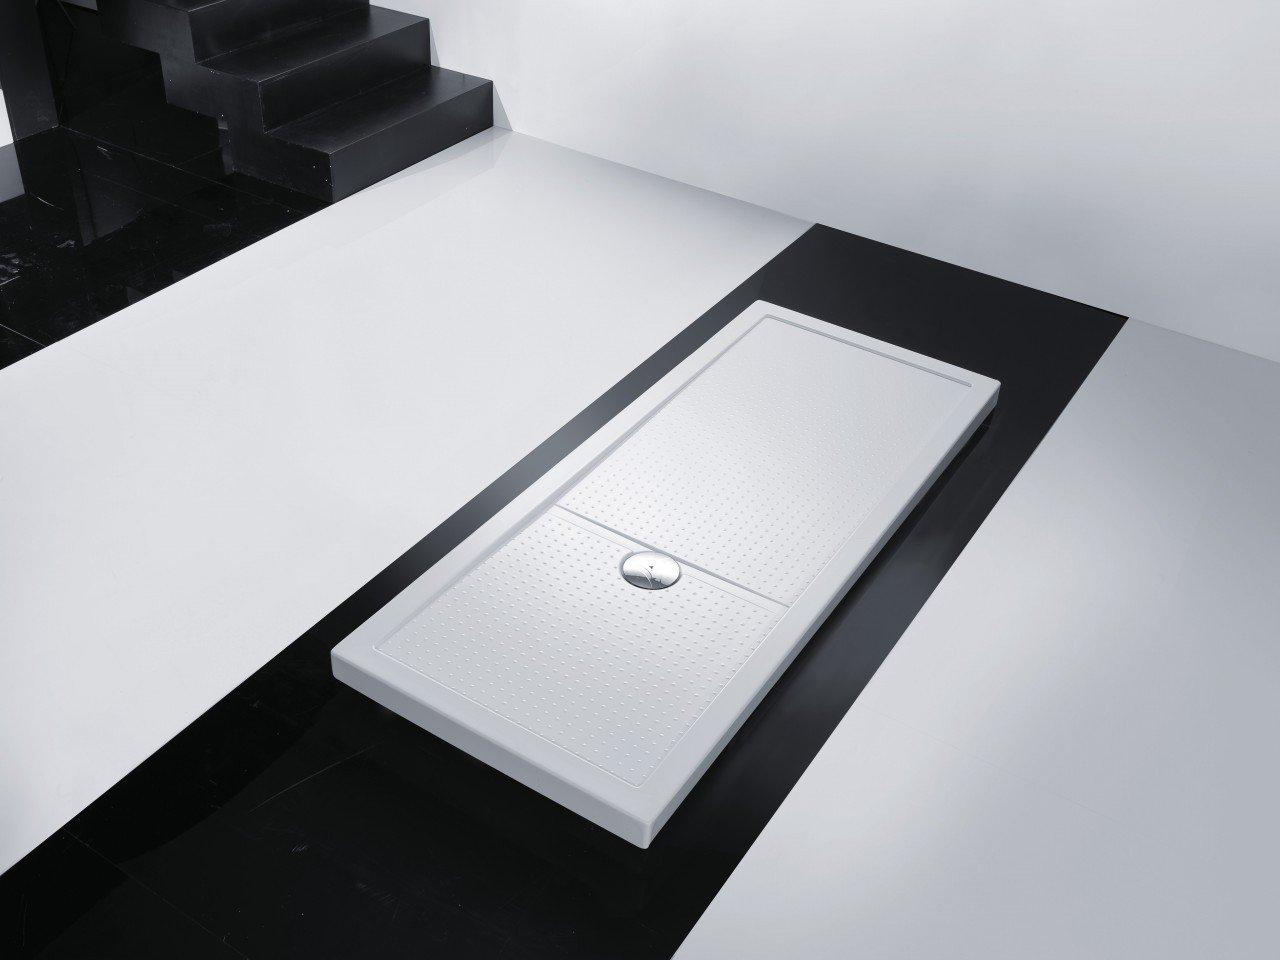 Novellini Olympic Plus Duschwanne, 120x70x4,5cm, weiß  BaumarktÜberprüfung und Beschreibung